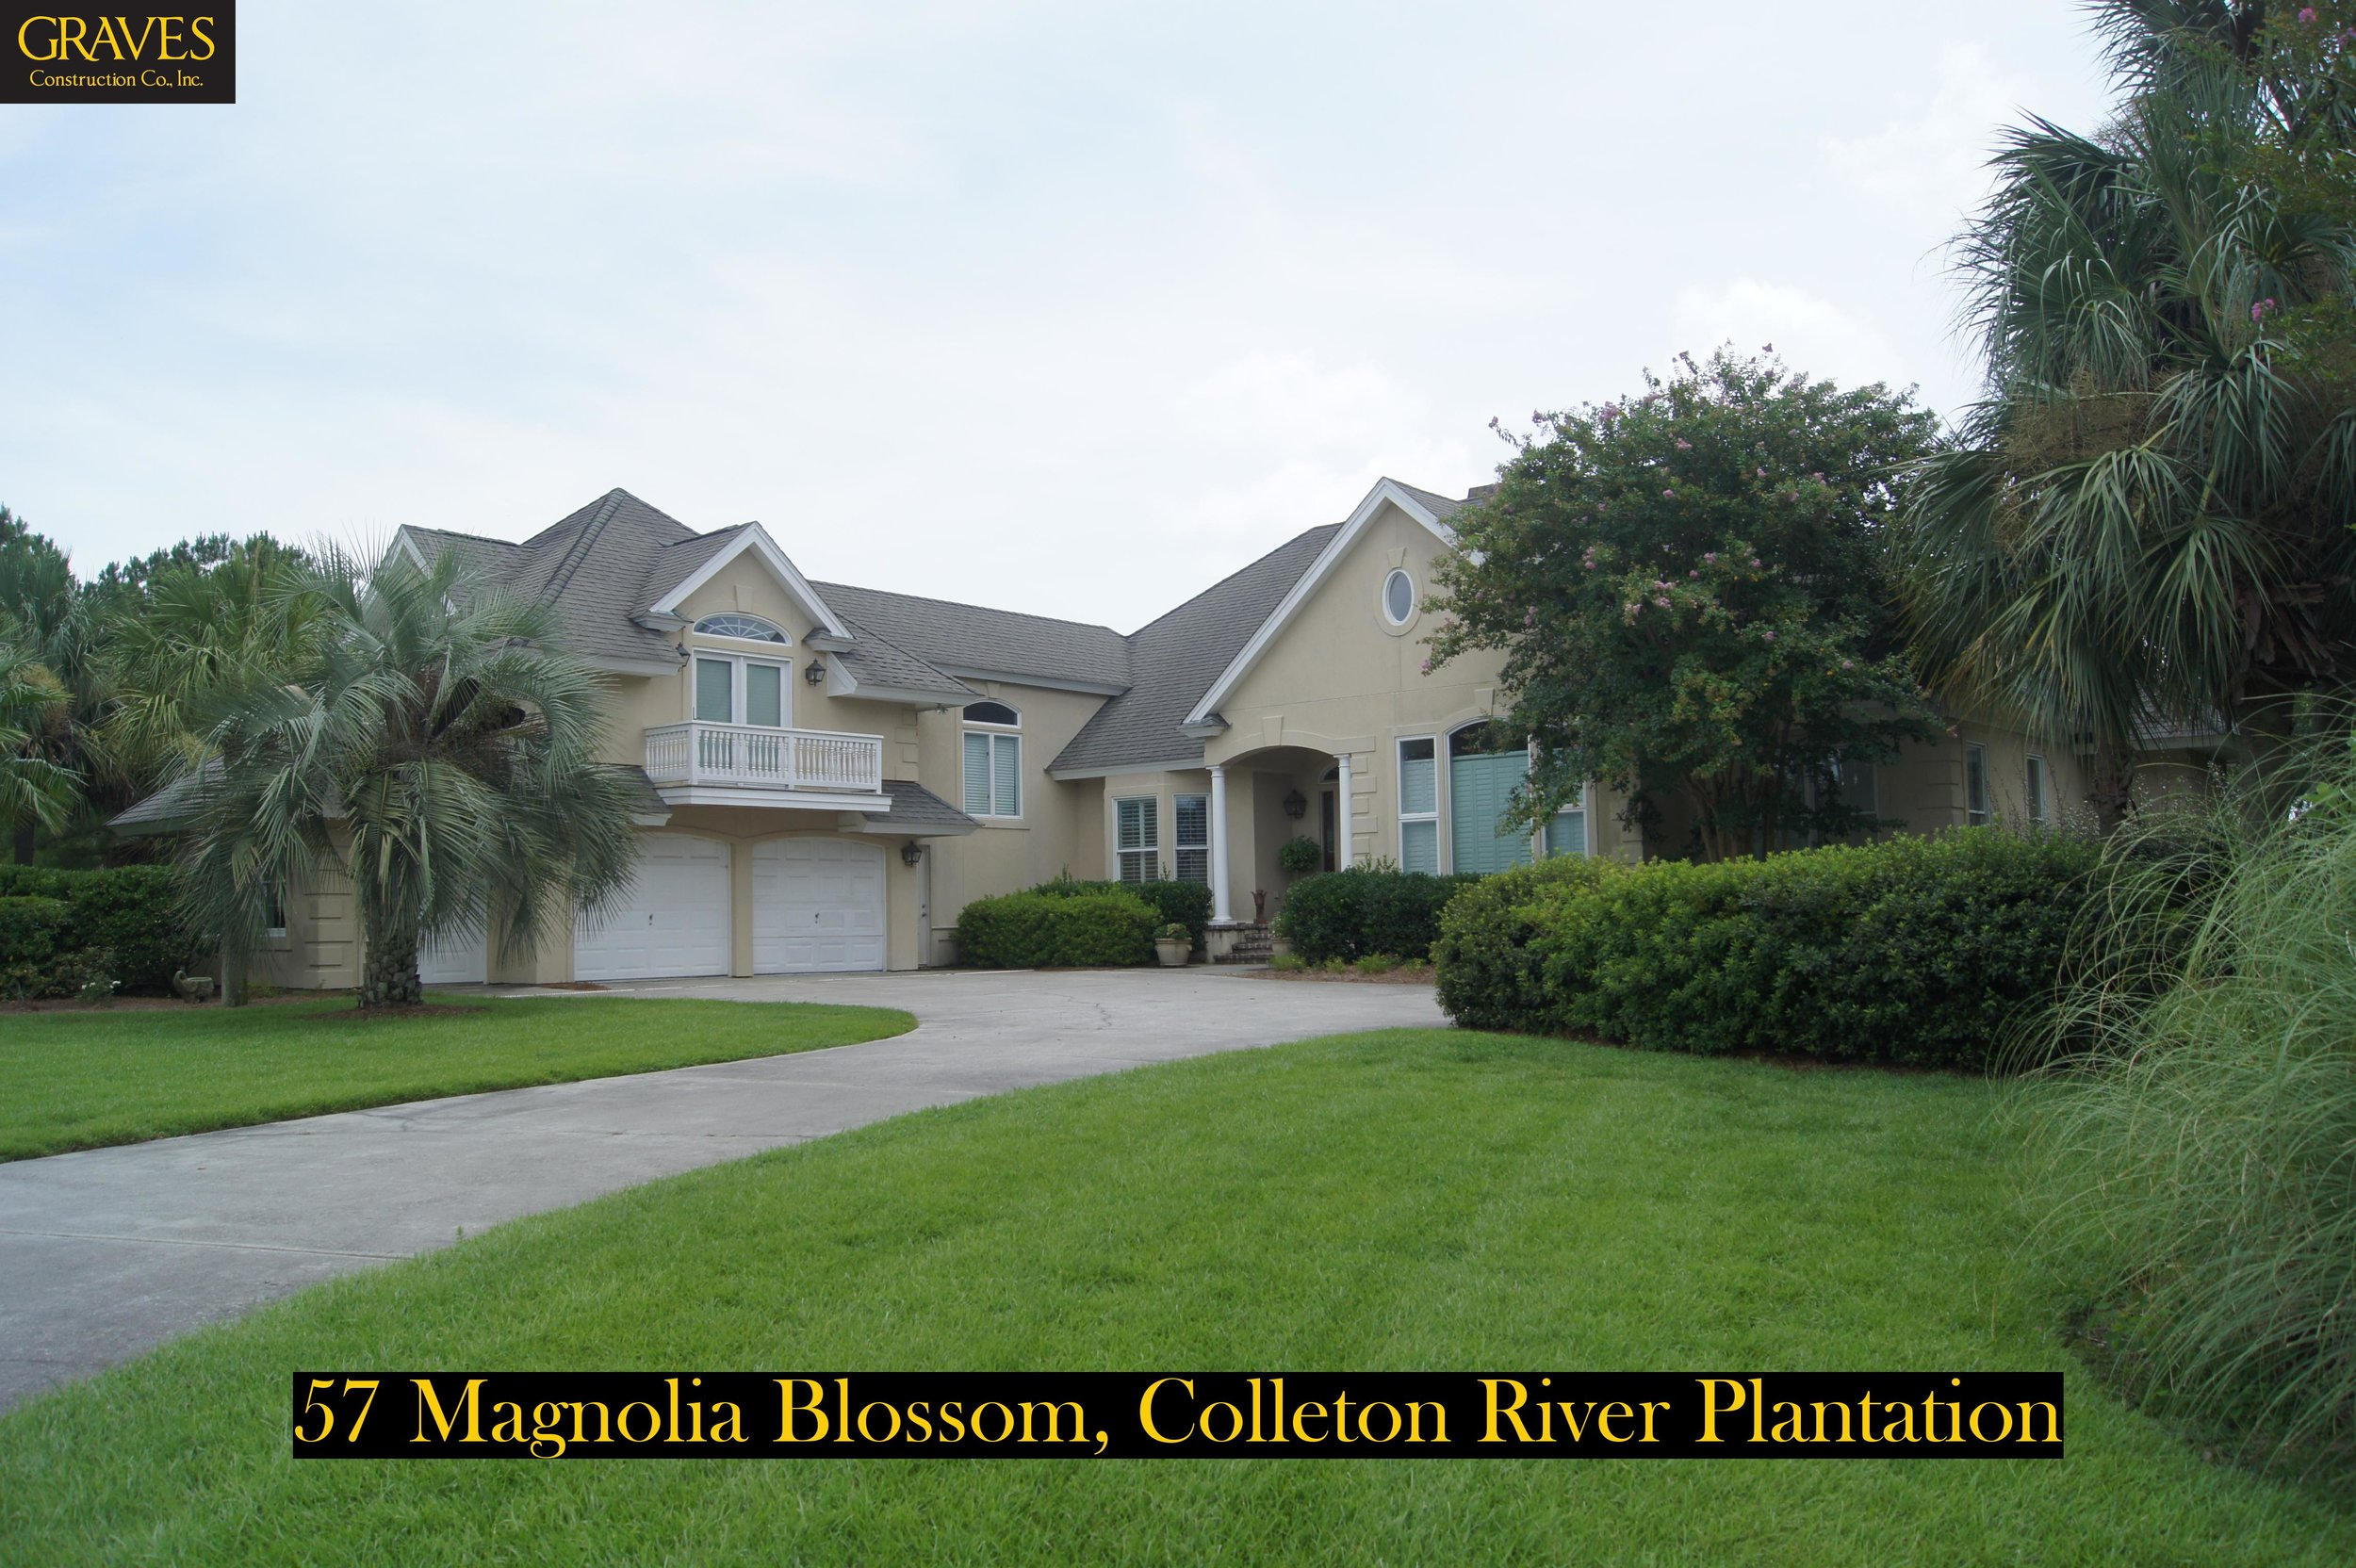 57 Magnolia Blossom - 1